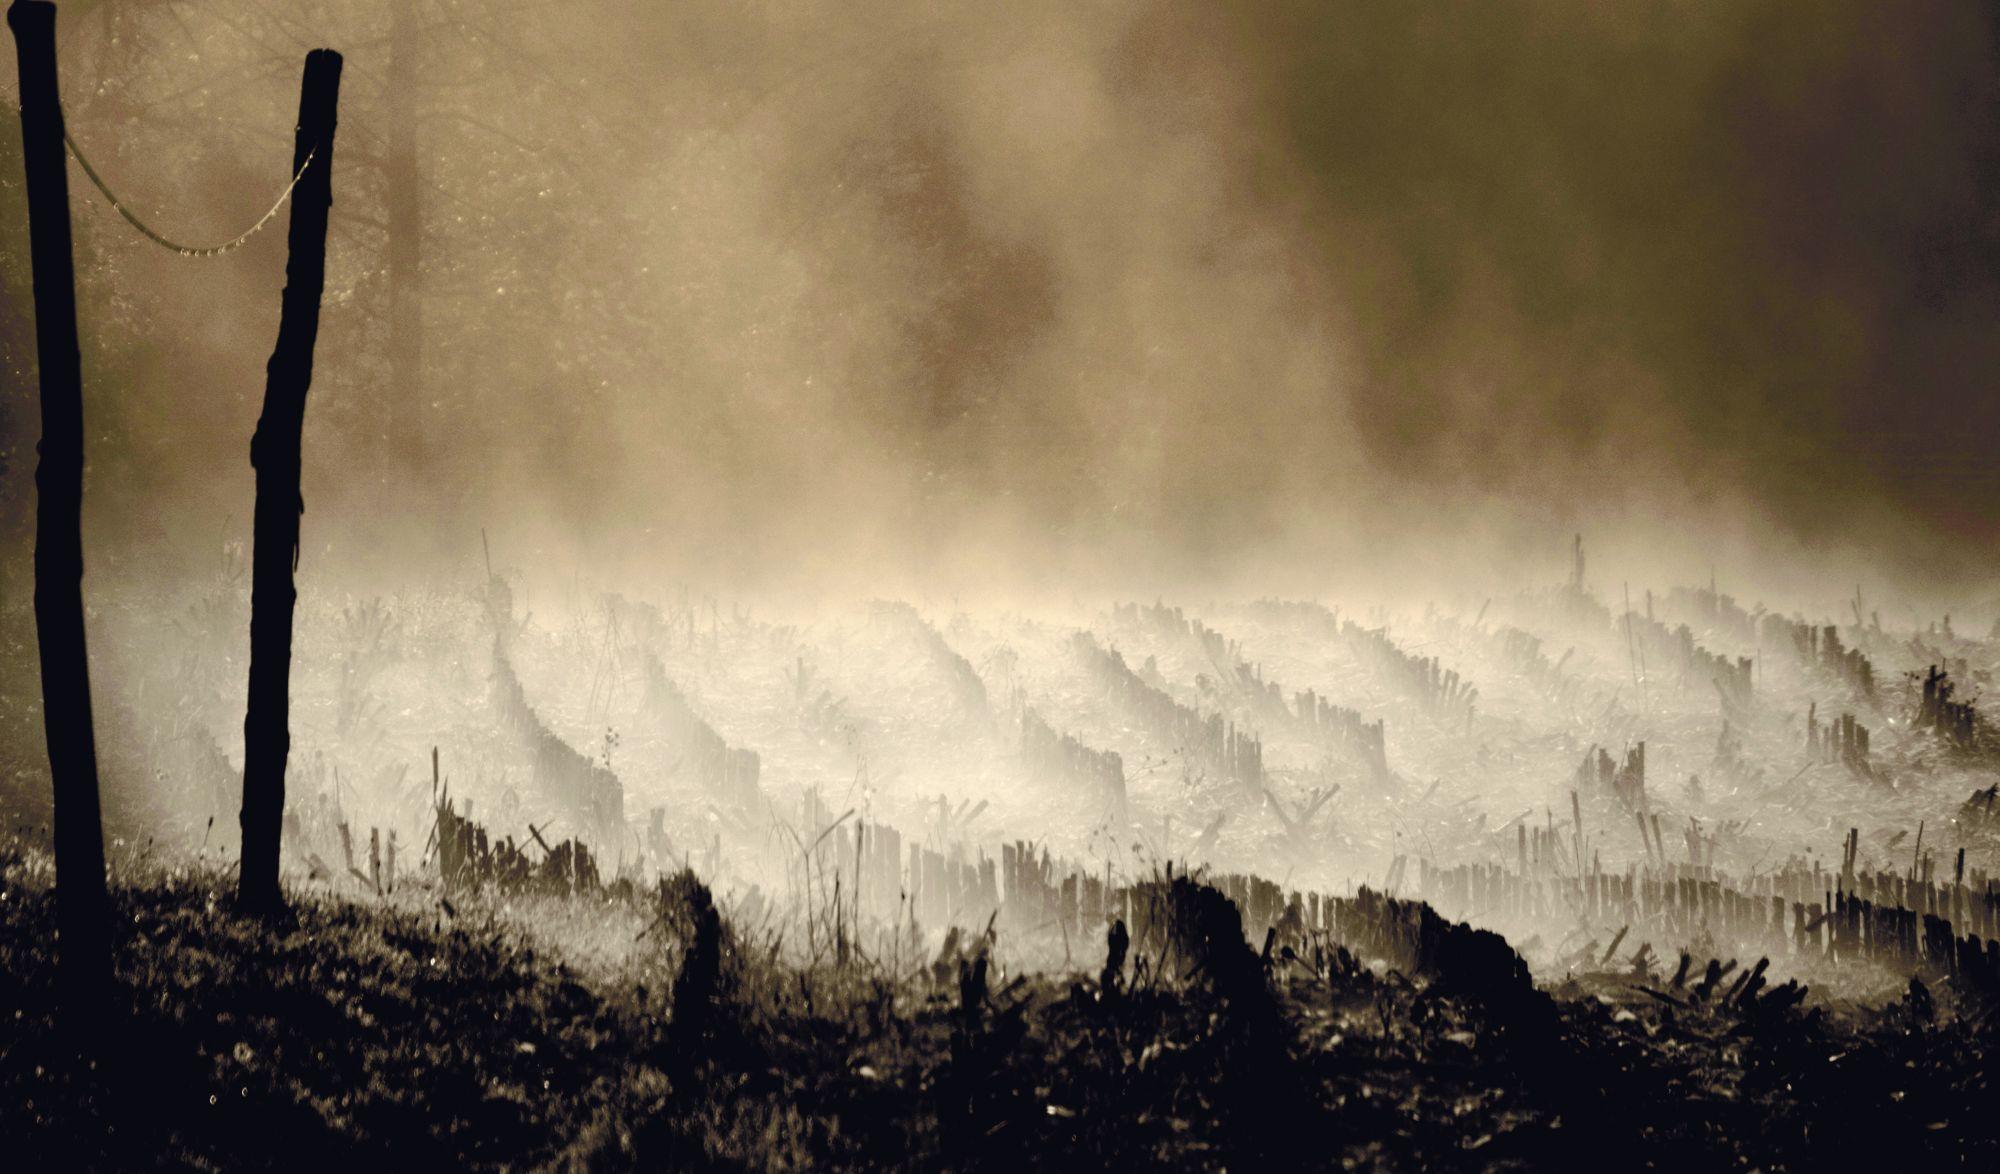 Cose di natura, Nature's Matters #7, Campo/Field, 2012